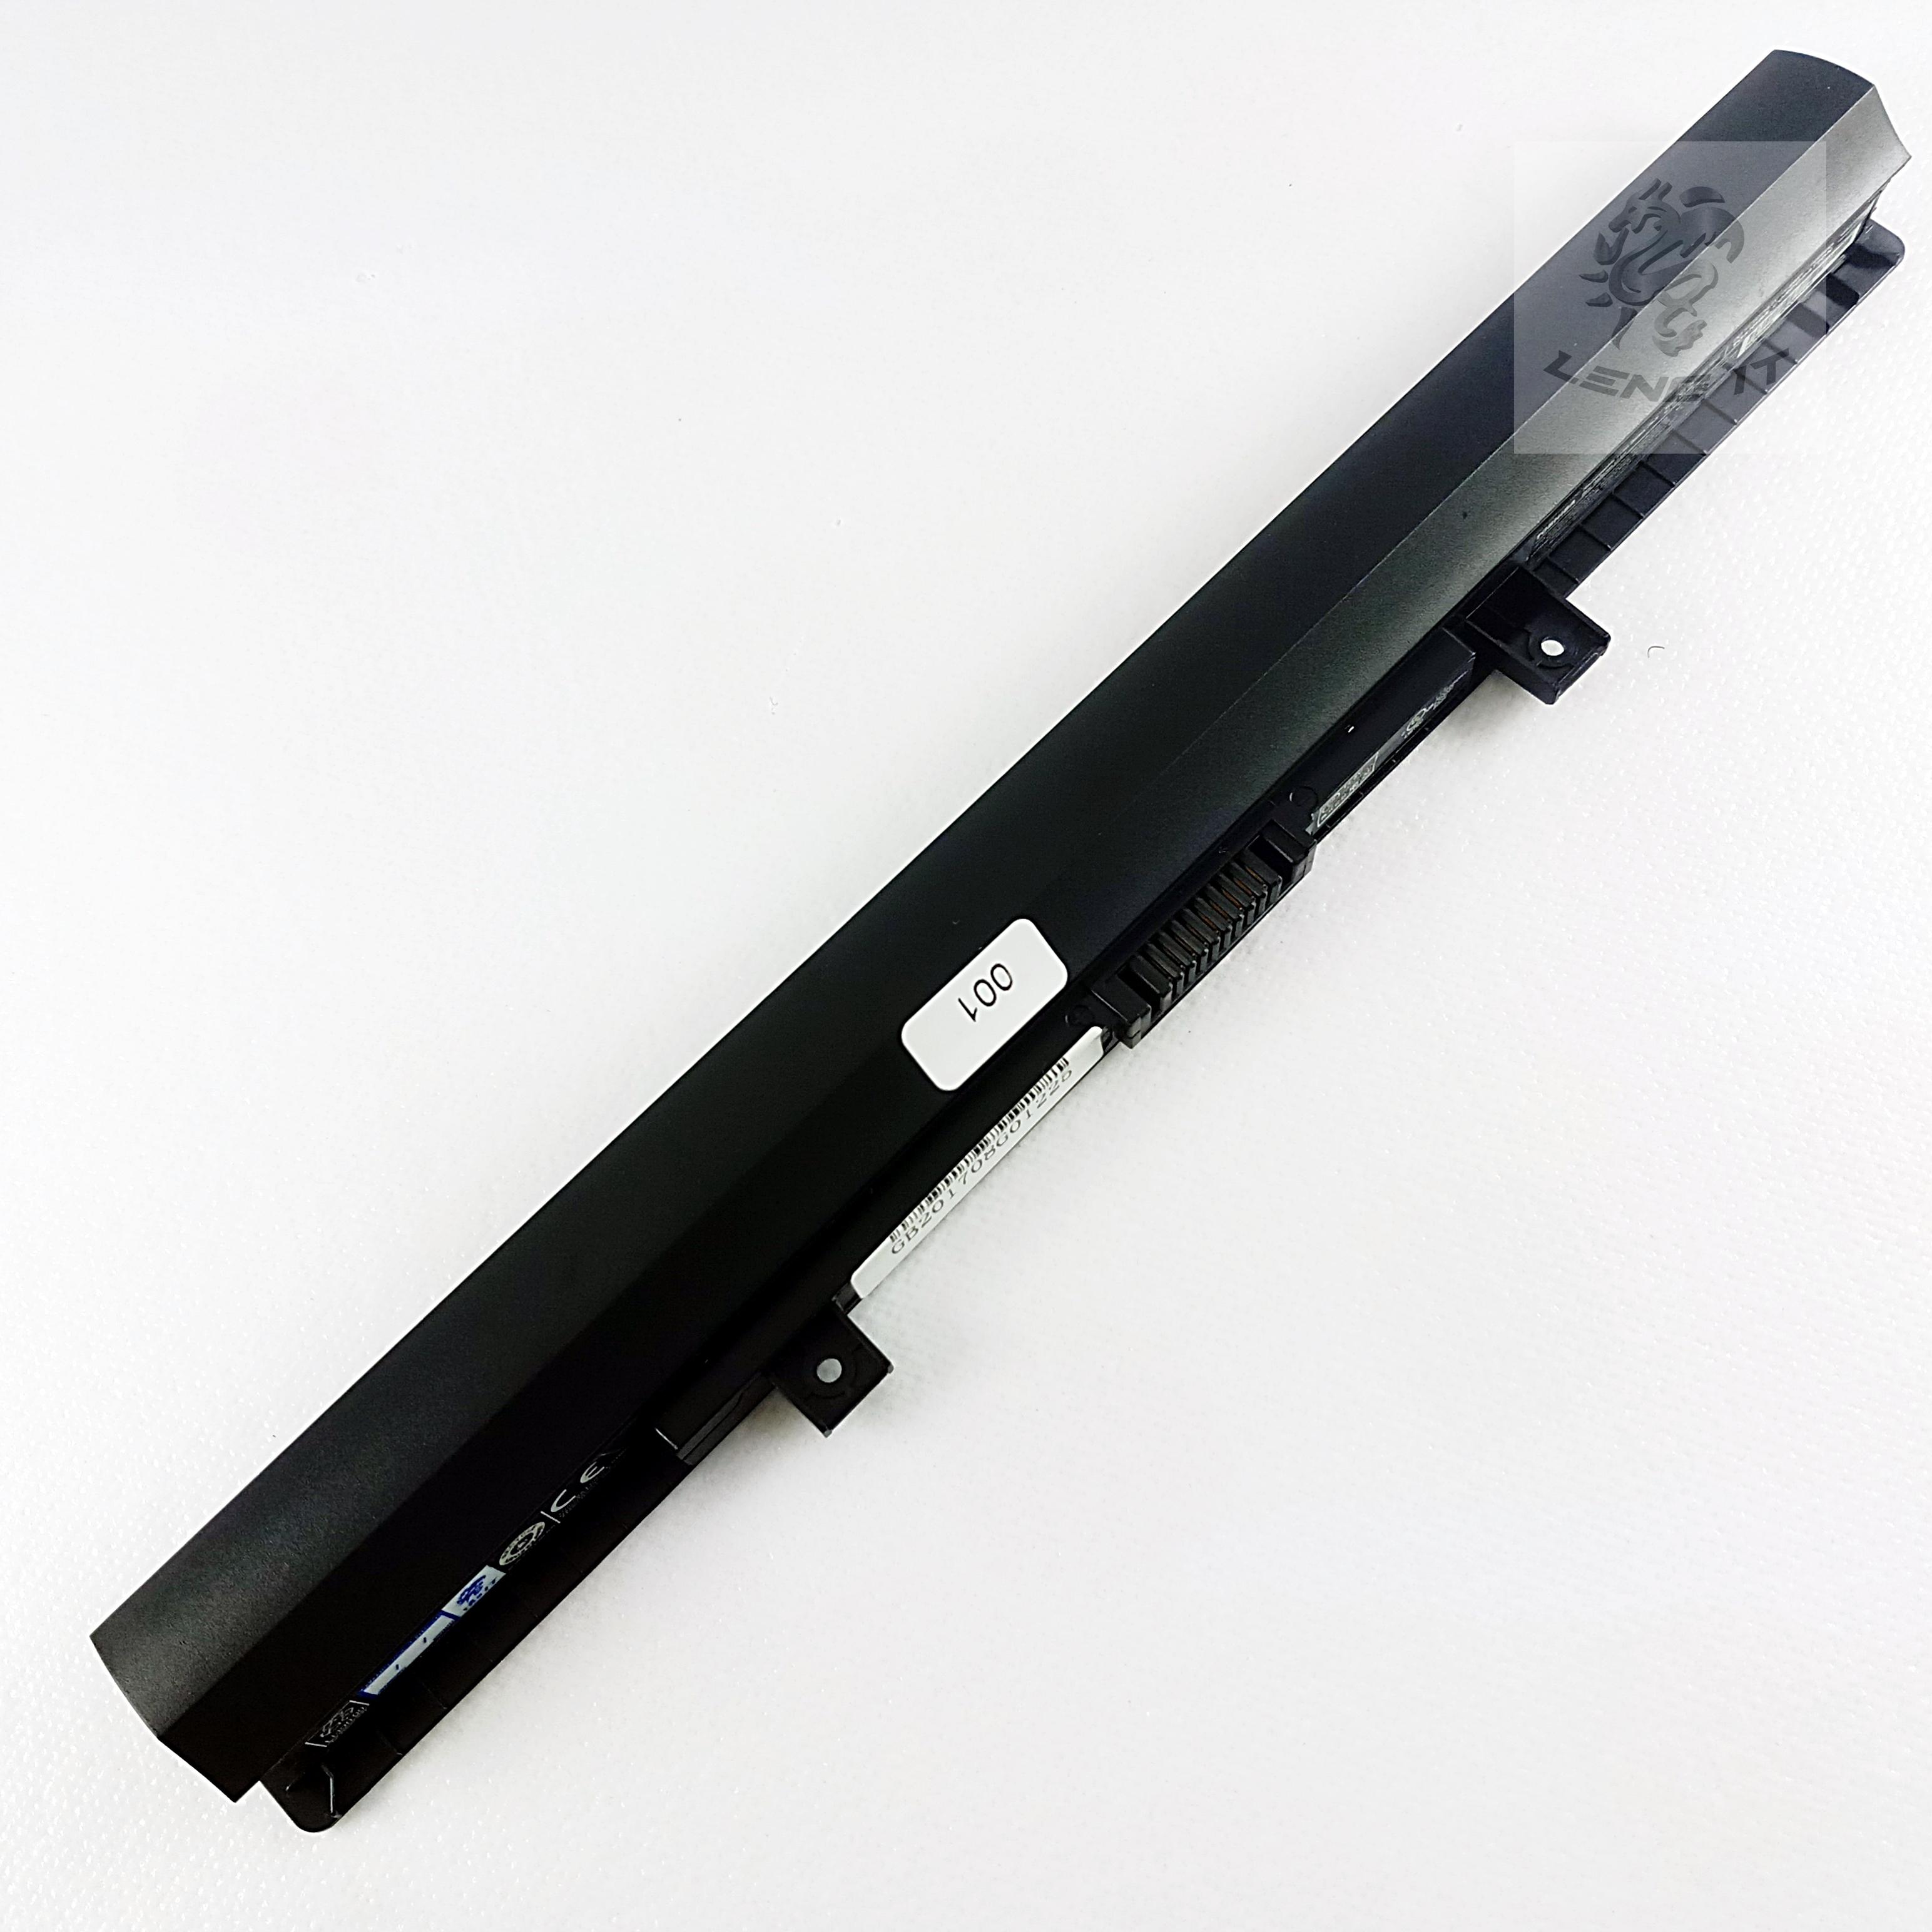 Battery Toshiba Satellite C50 (PA5185U)